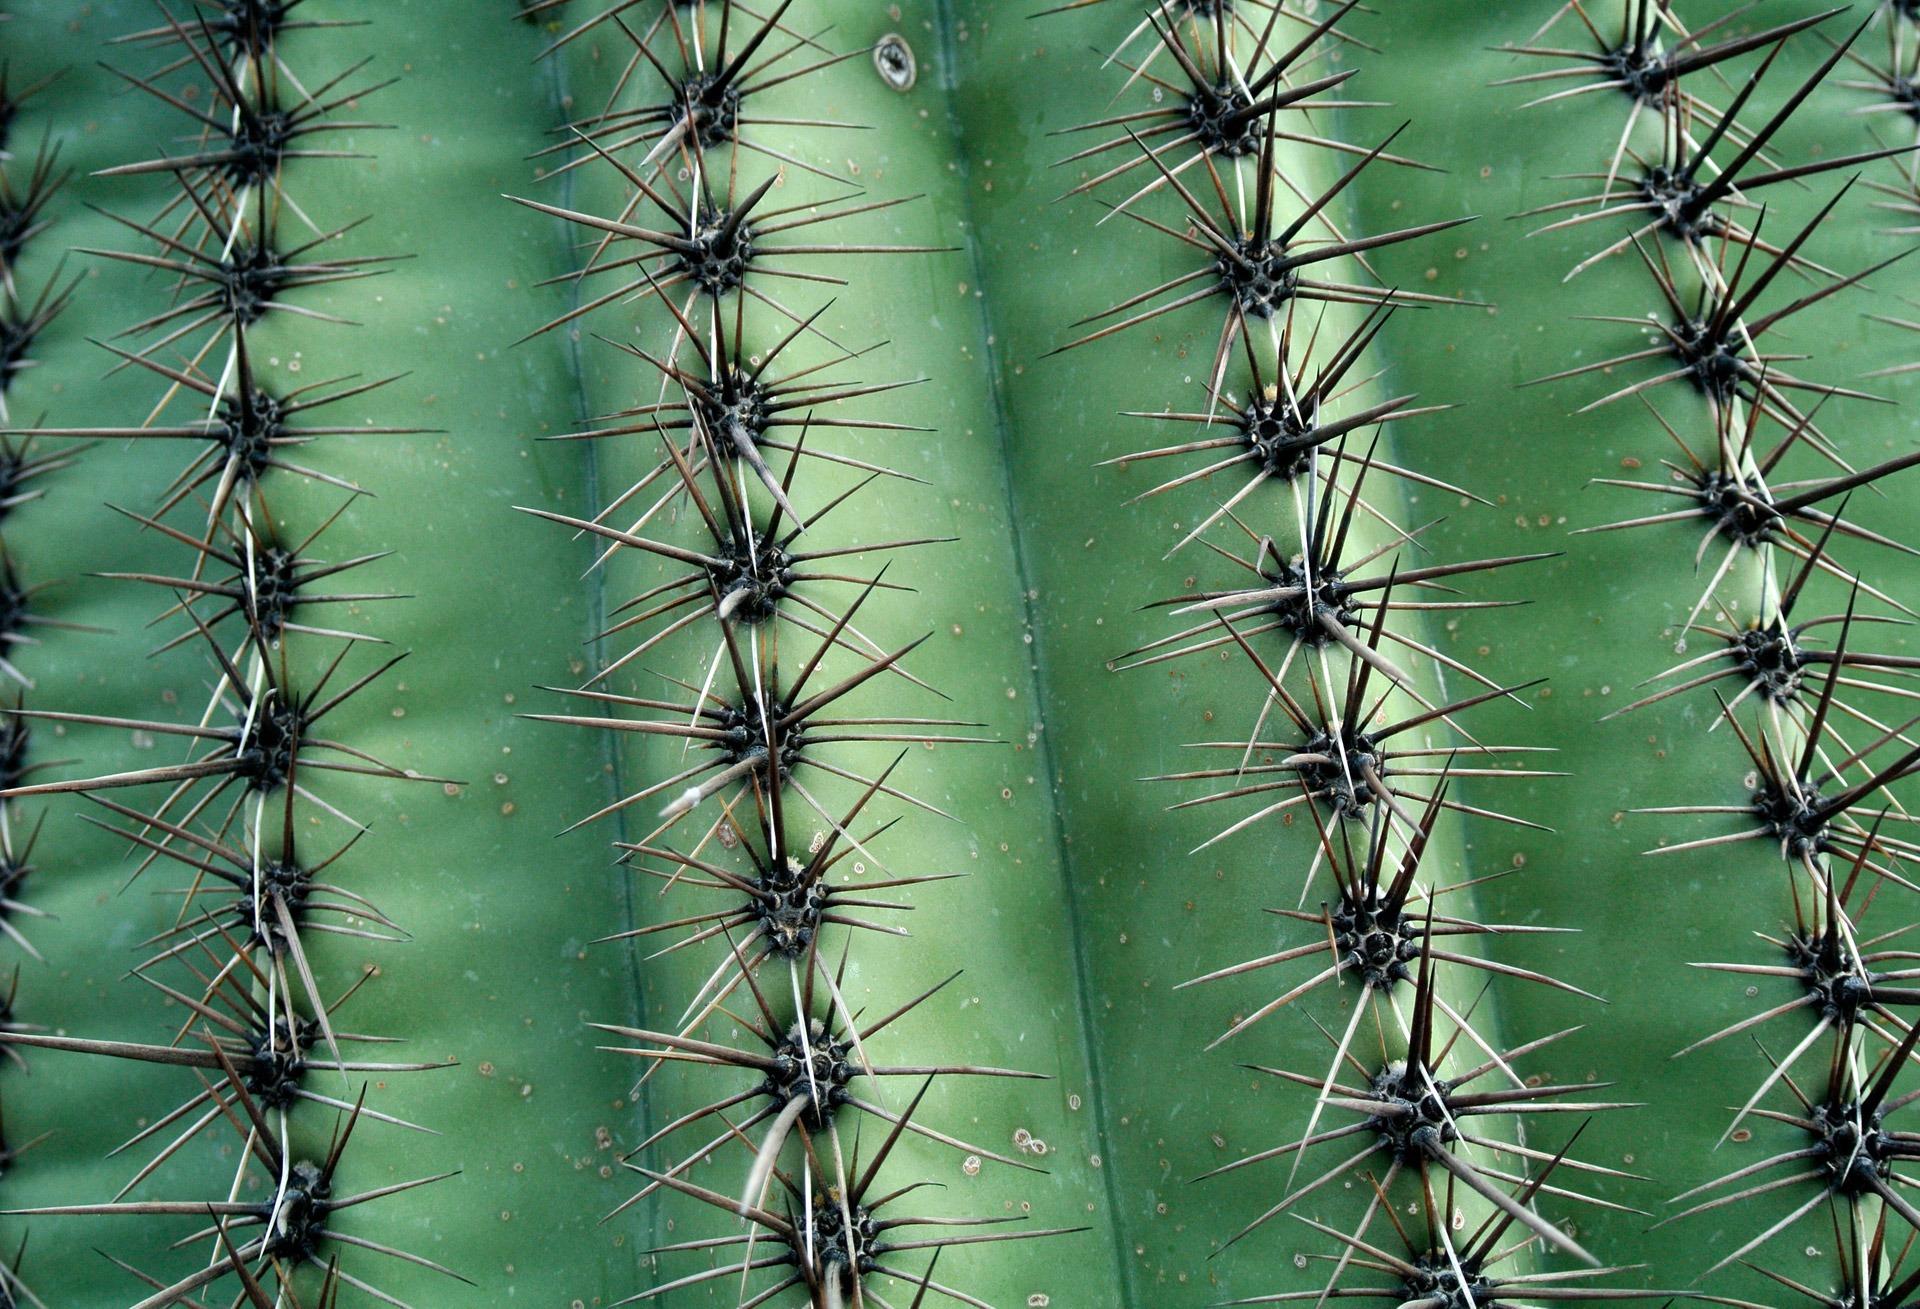 succulent cactus prickly desert close